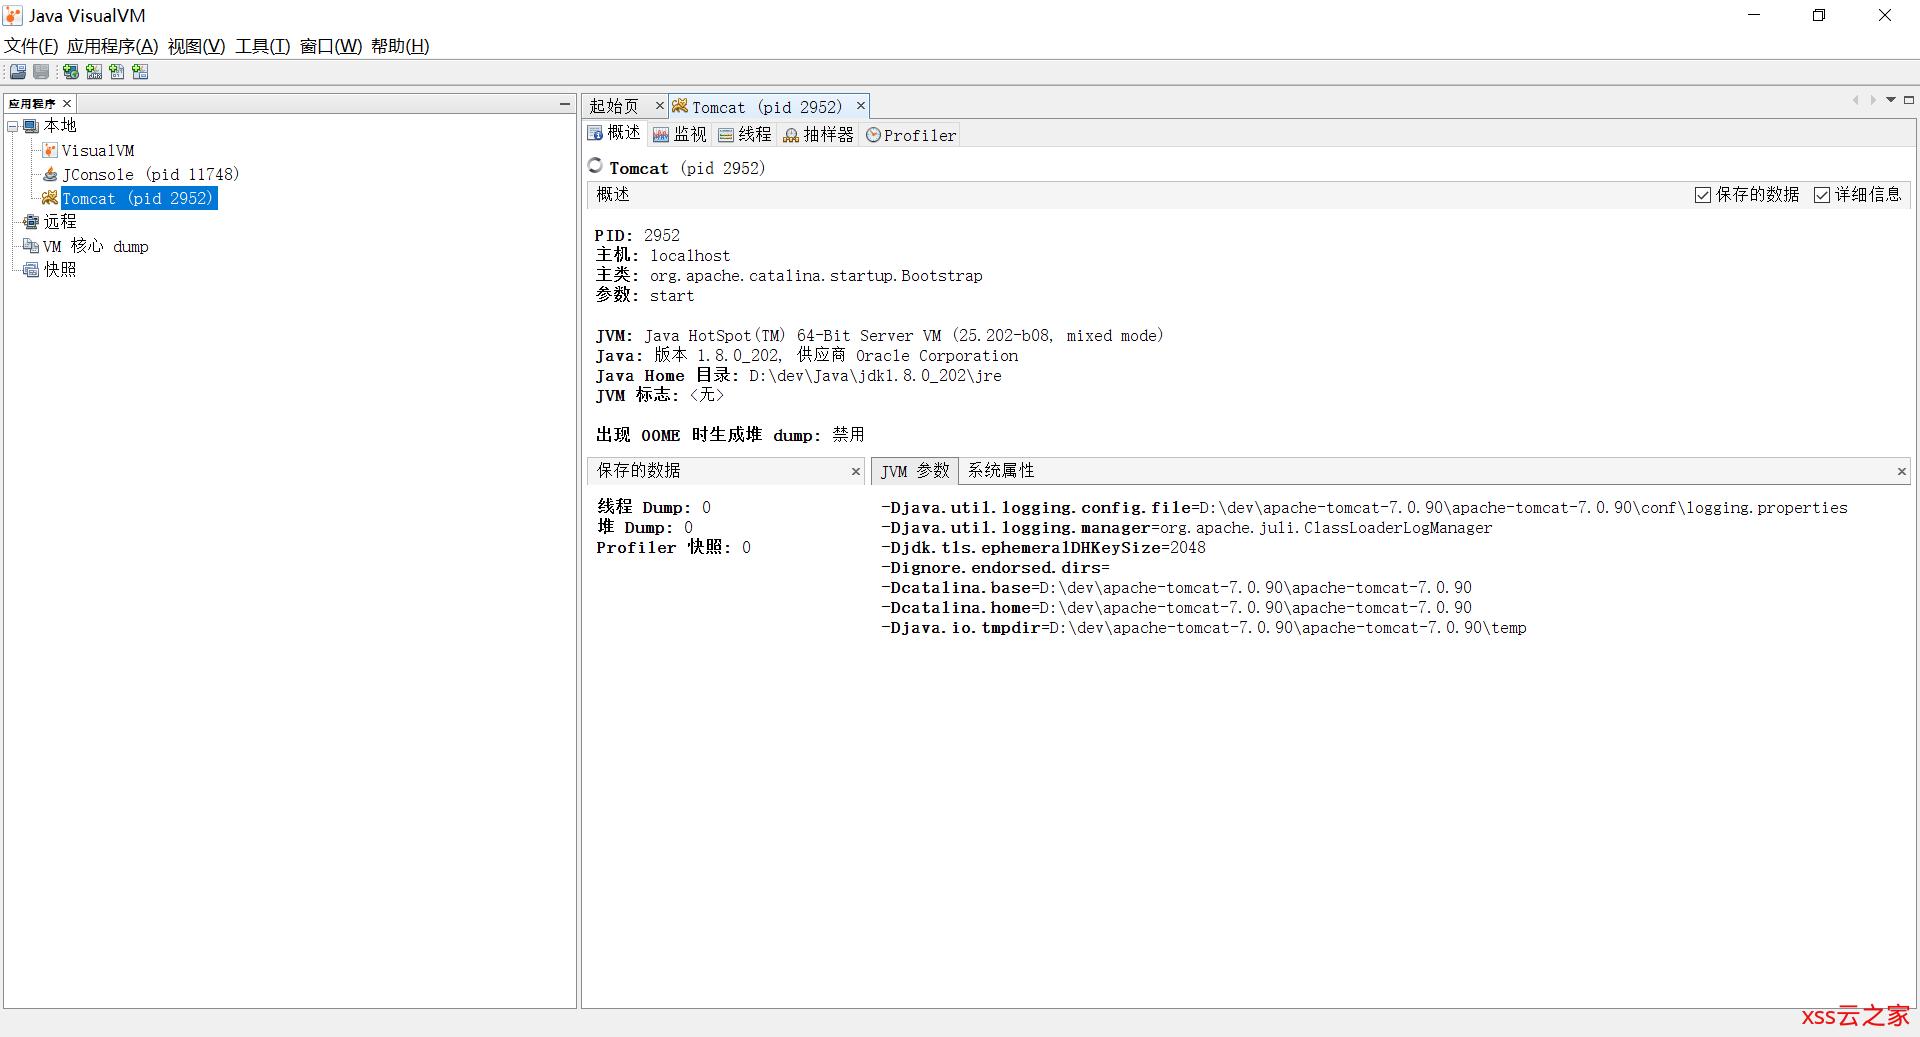 《深入理解 Java 虚拟机》读书笔记:虚拟机性能监控与故障处理工具